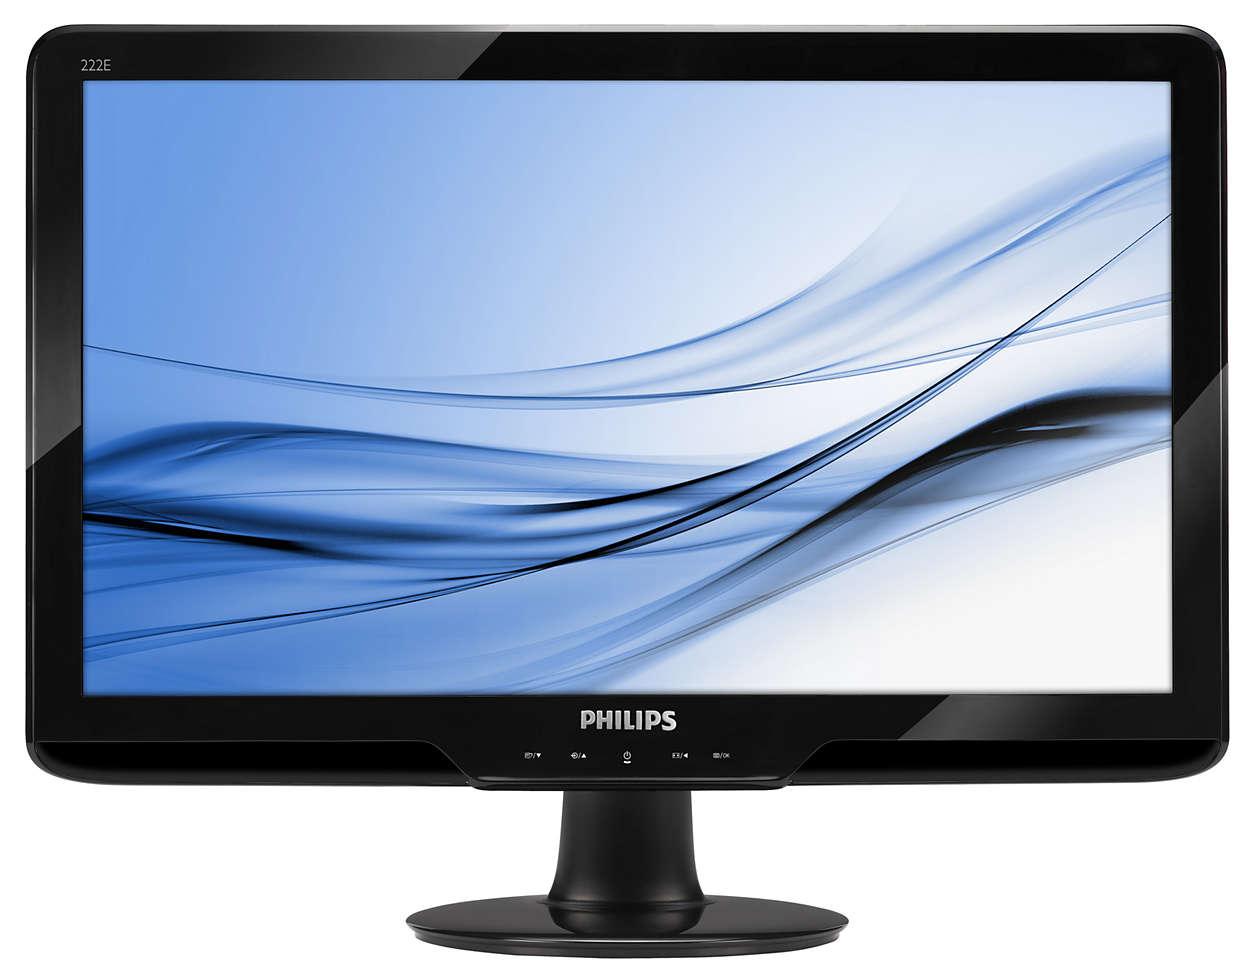 Élégant écran Full HD offrant un excellent rapport qualité-prix